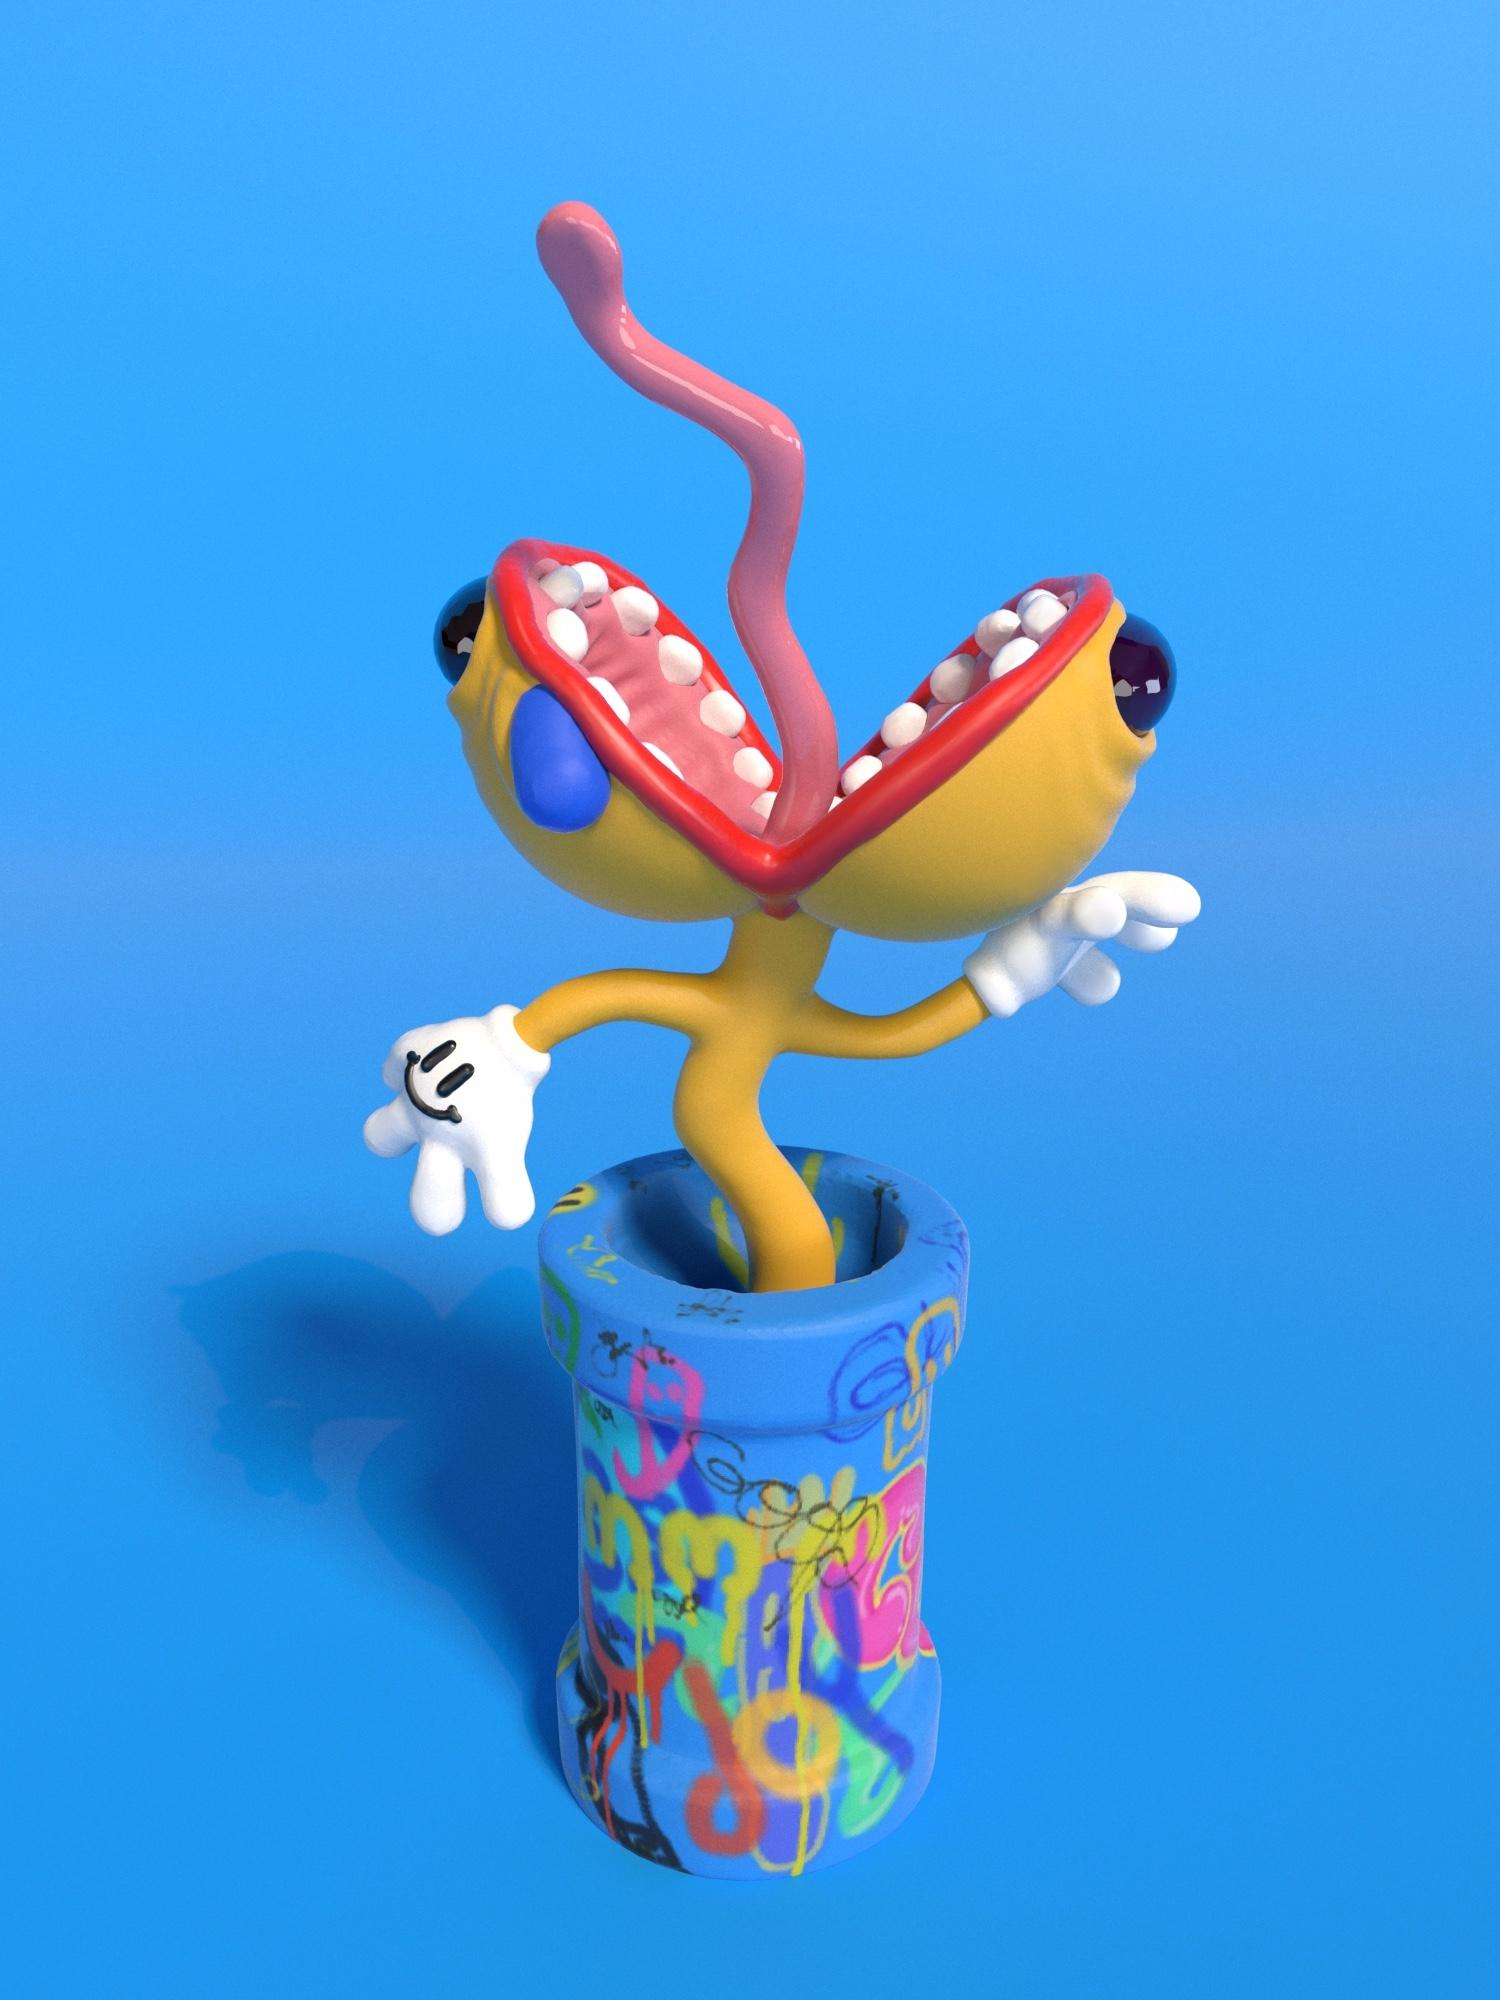 Piranha Plant parts - Mario, VirtualReality - joy | ello